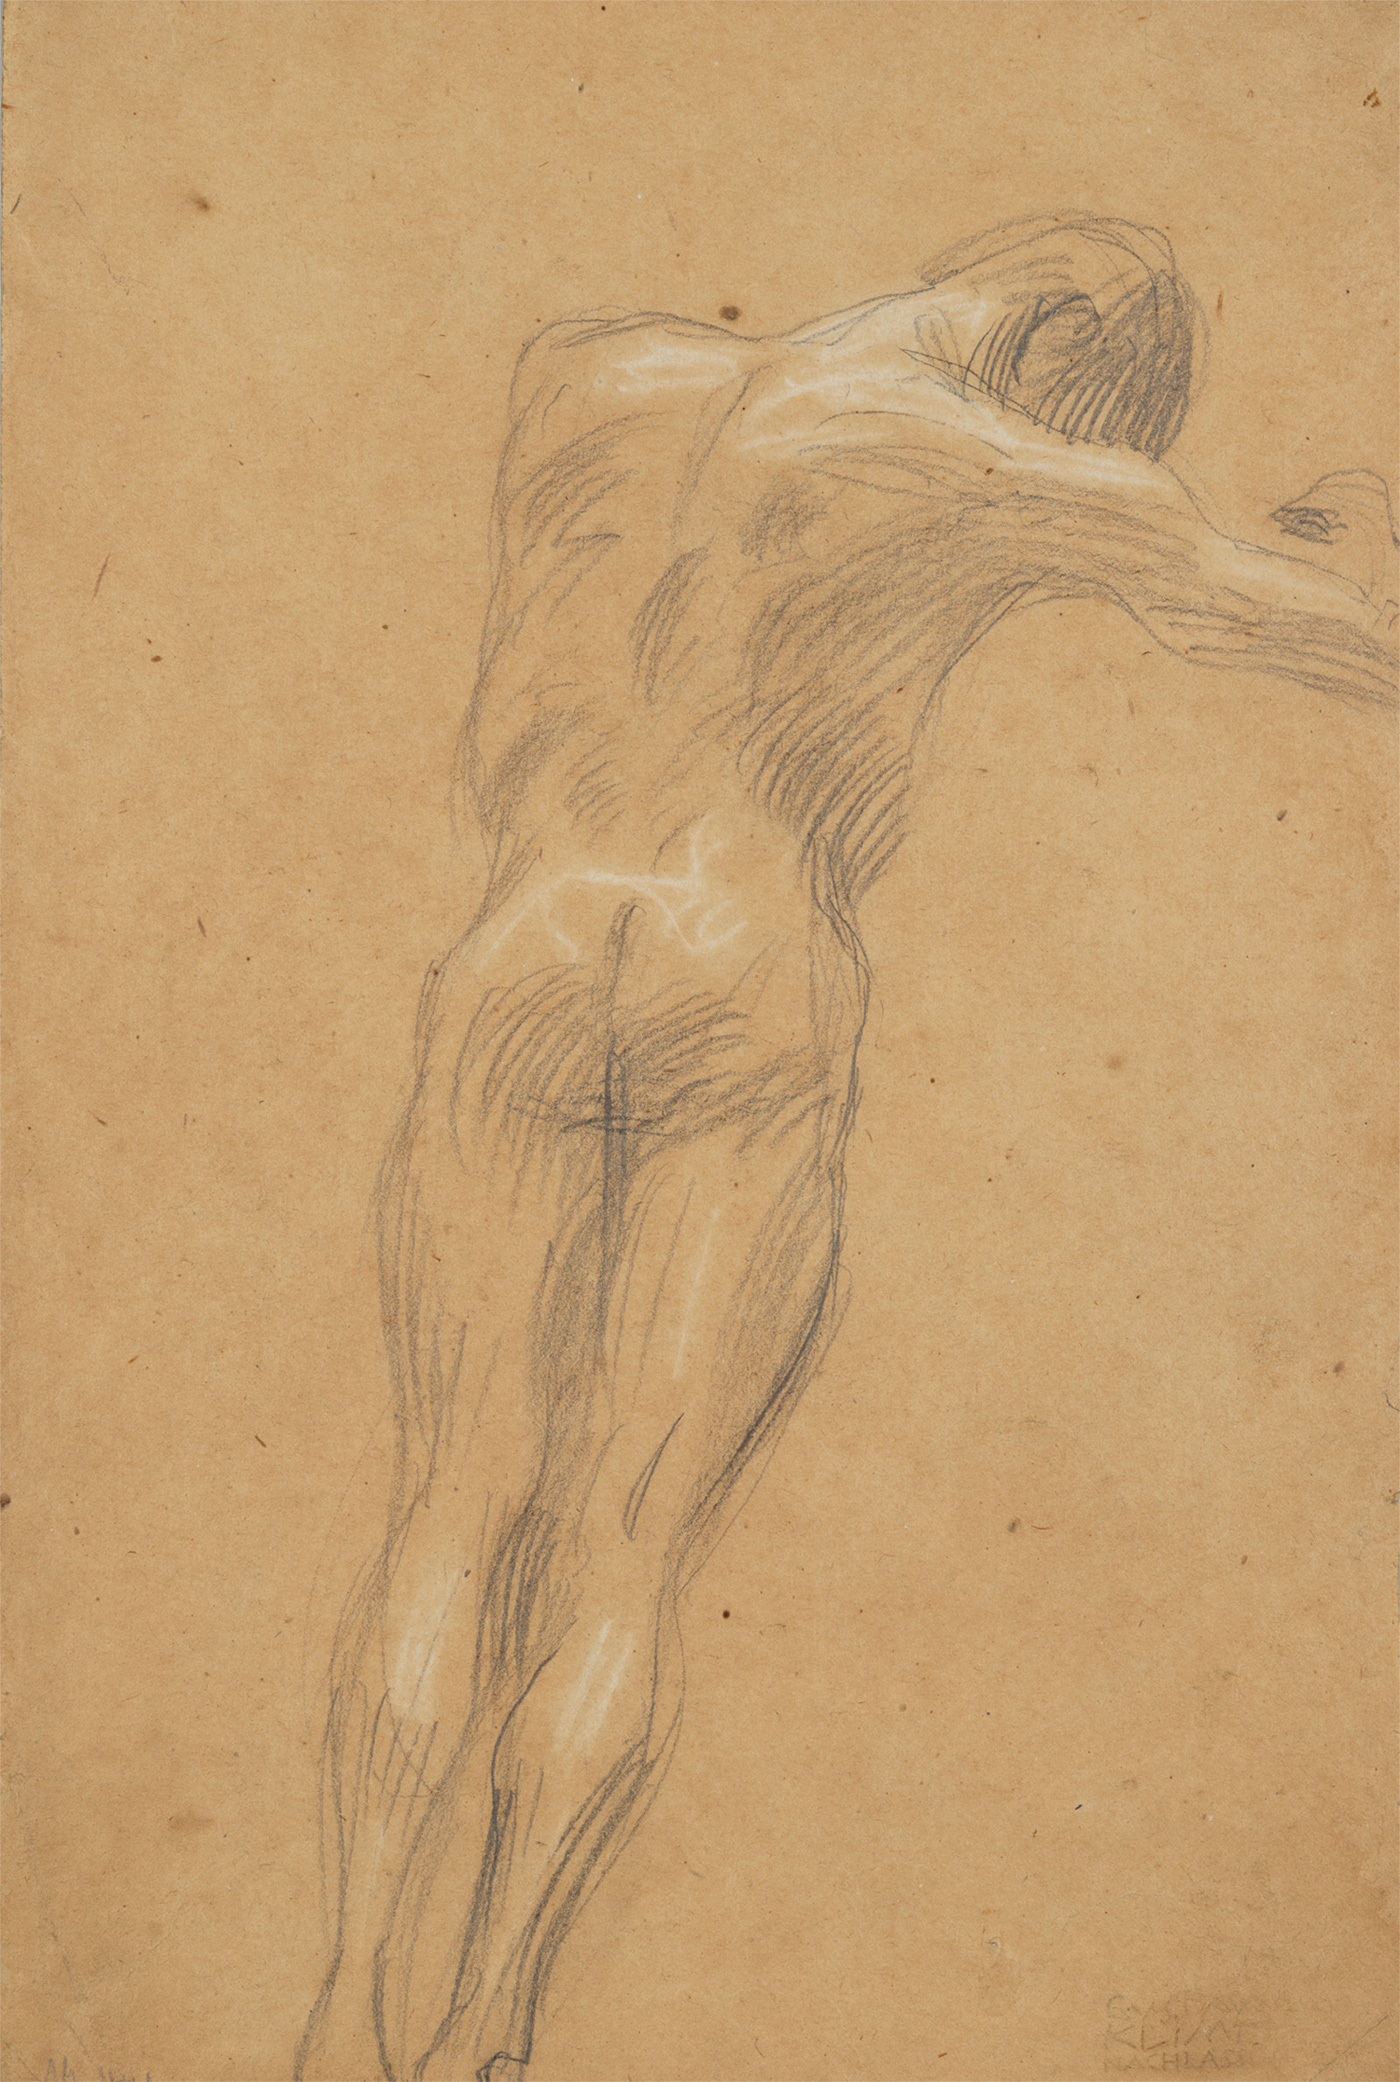 グスタフ・クリムト《右向きの浮遊する男性裸像》(ウィーン大学大広間天井画《哲学》のための習作)1897-99年 京都国立近代美術館